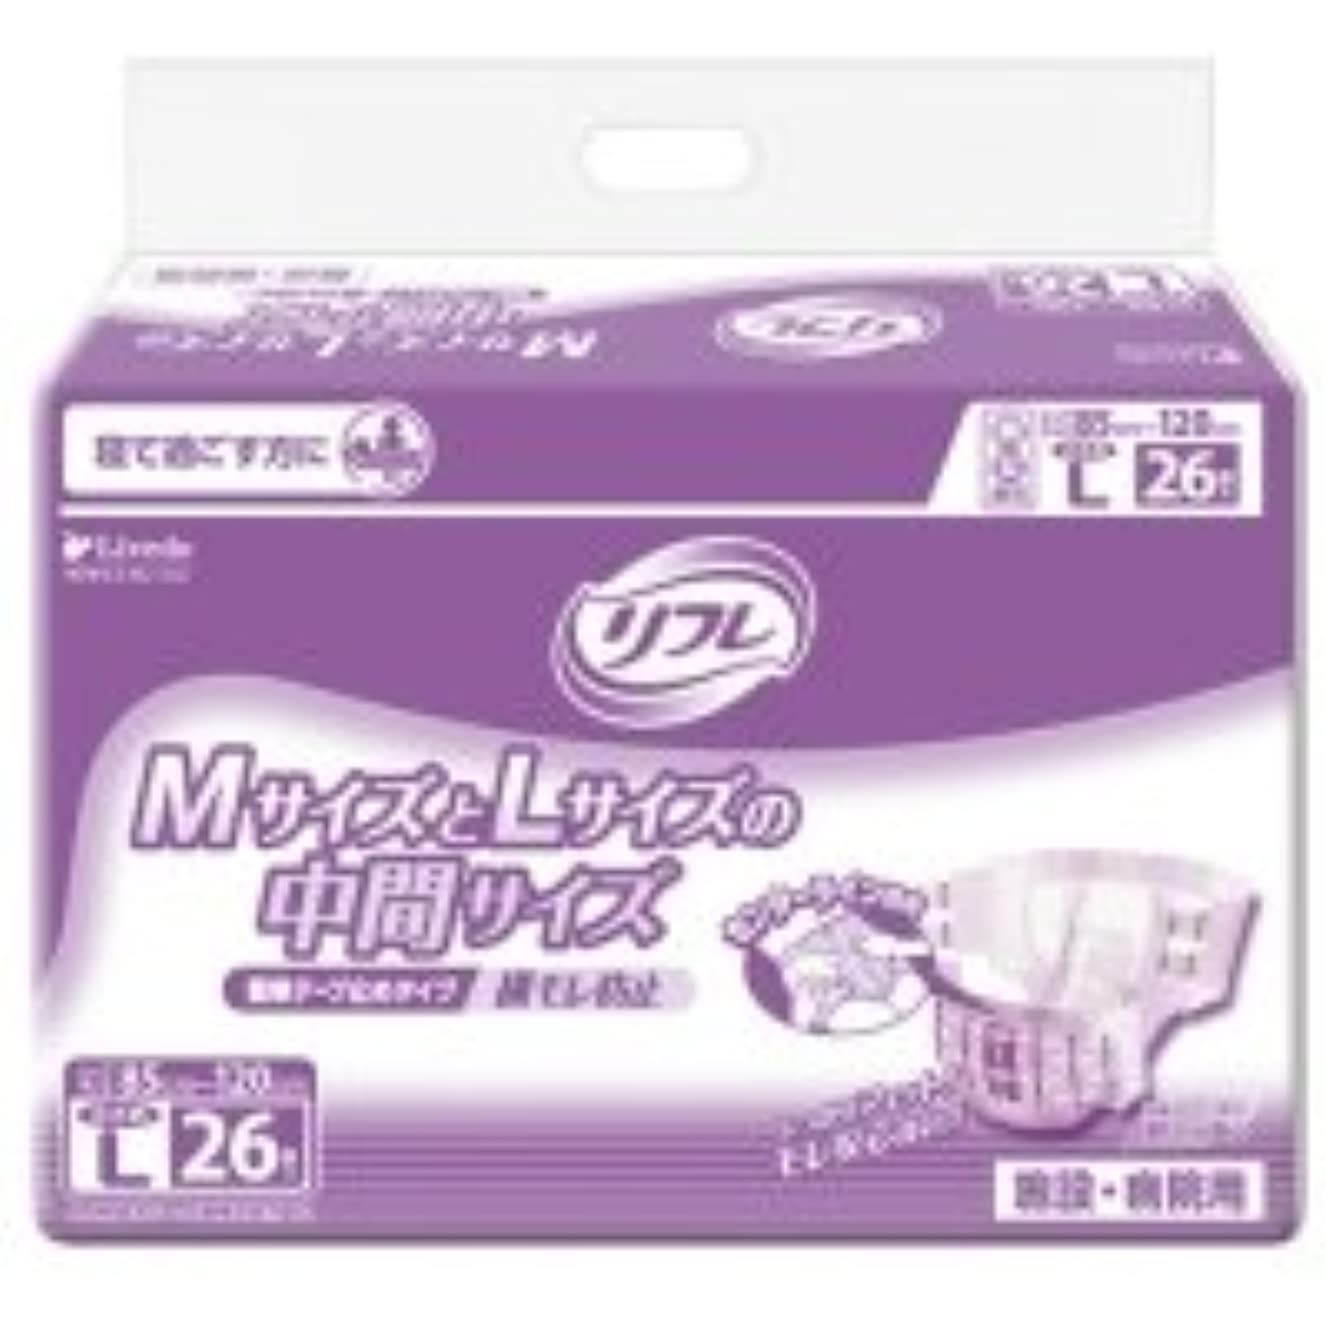 有名なシフト禁止リブドゥコーポレーション リフレ 簡単テープ止めタイプ 横モレ防止 小さめL 1パック(26枚)